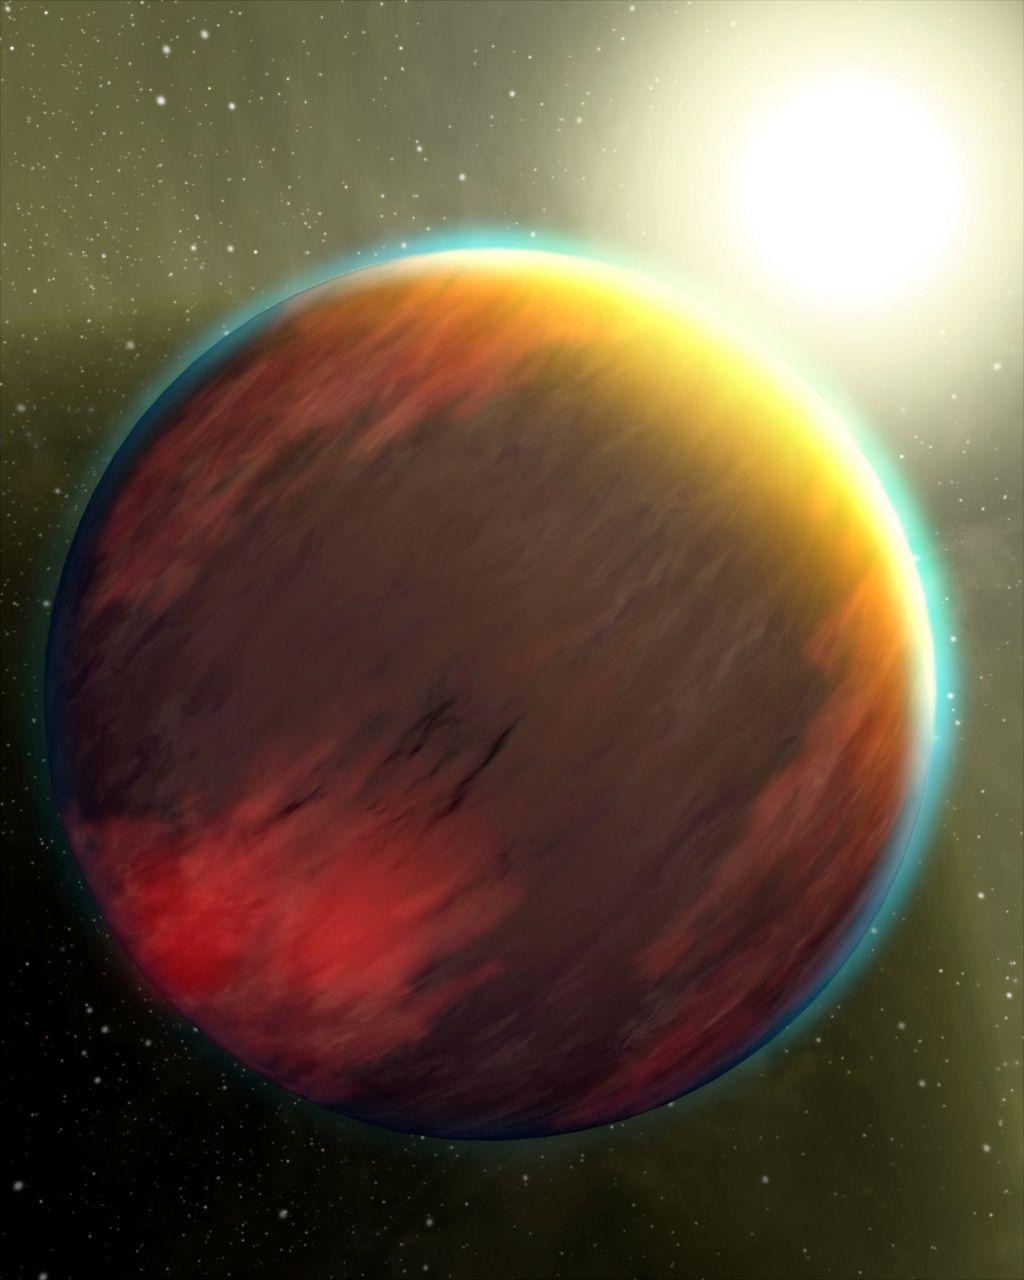 nasa planet x 2019 - HD960×1200